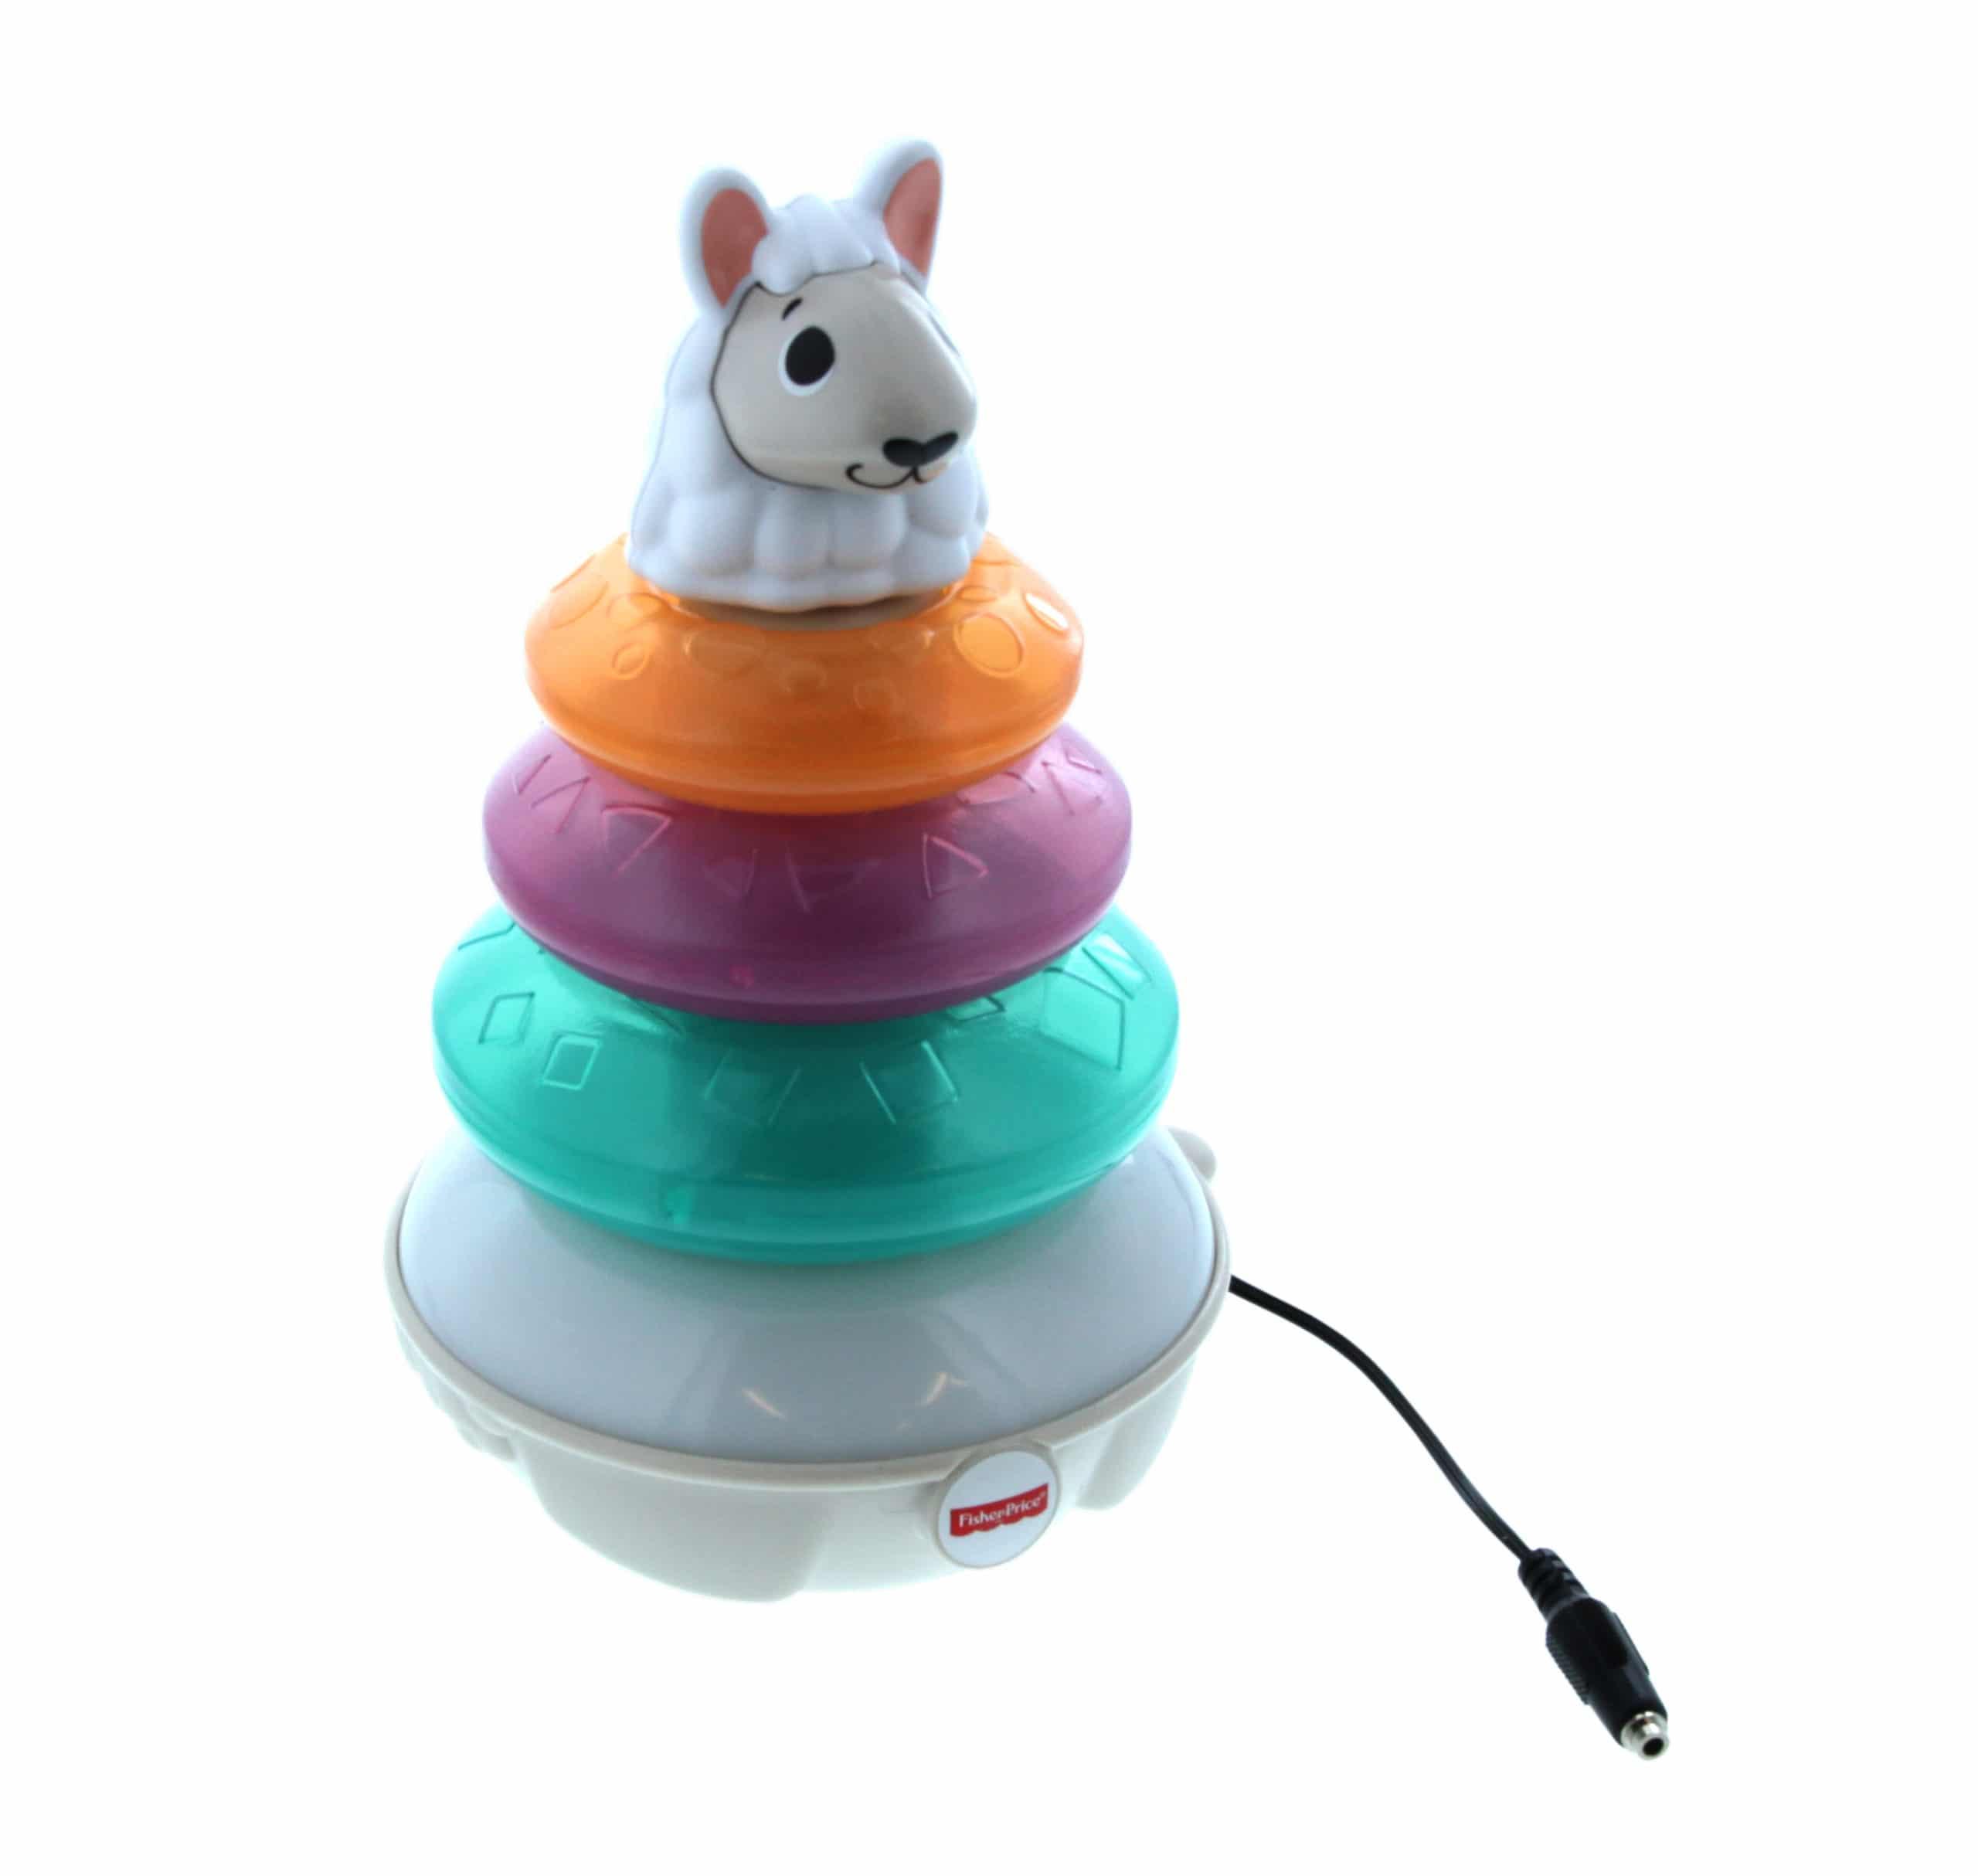 Adapted Llama Musical Stacker